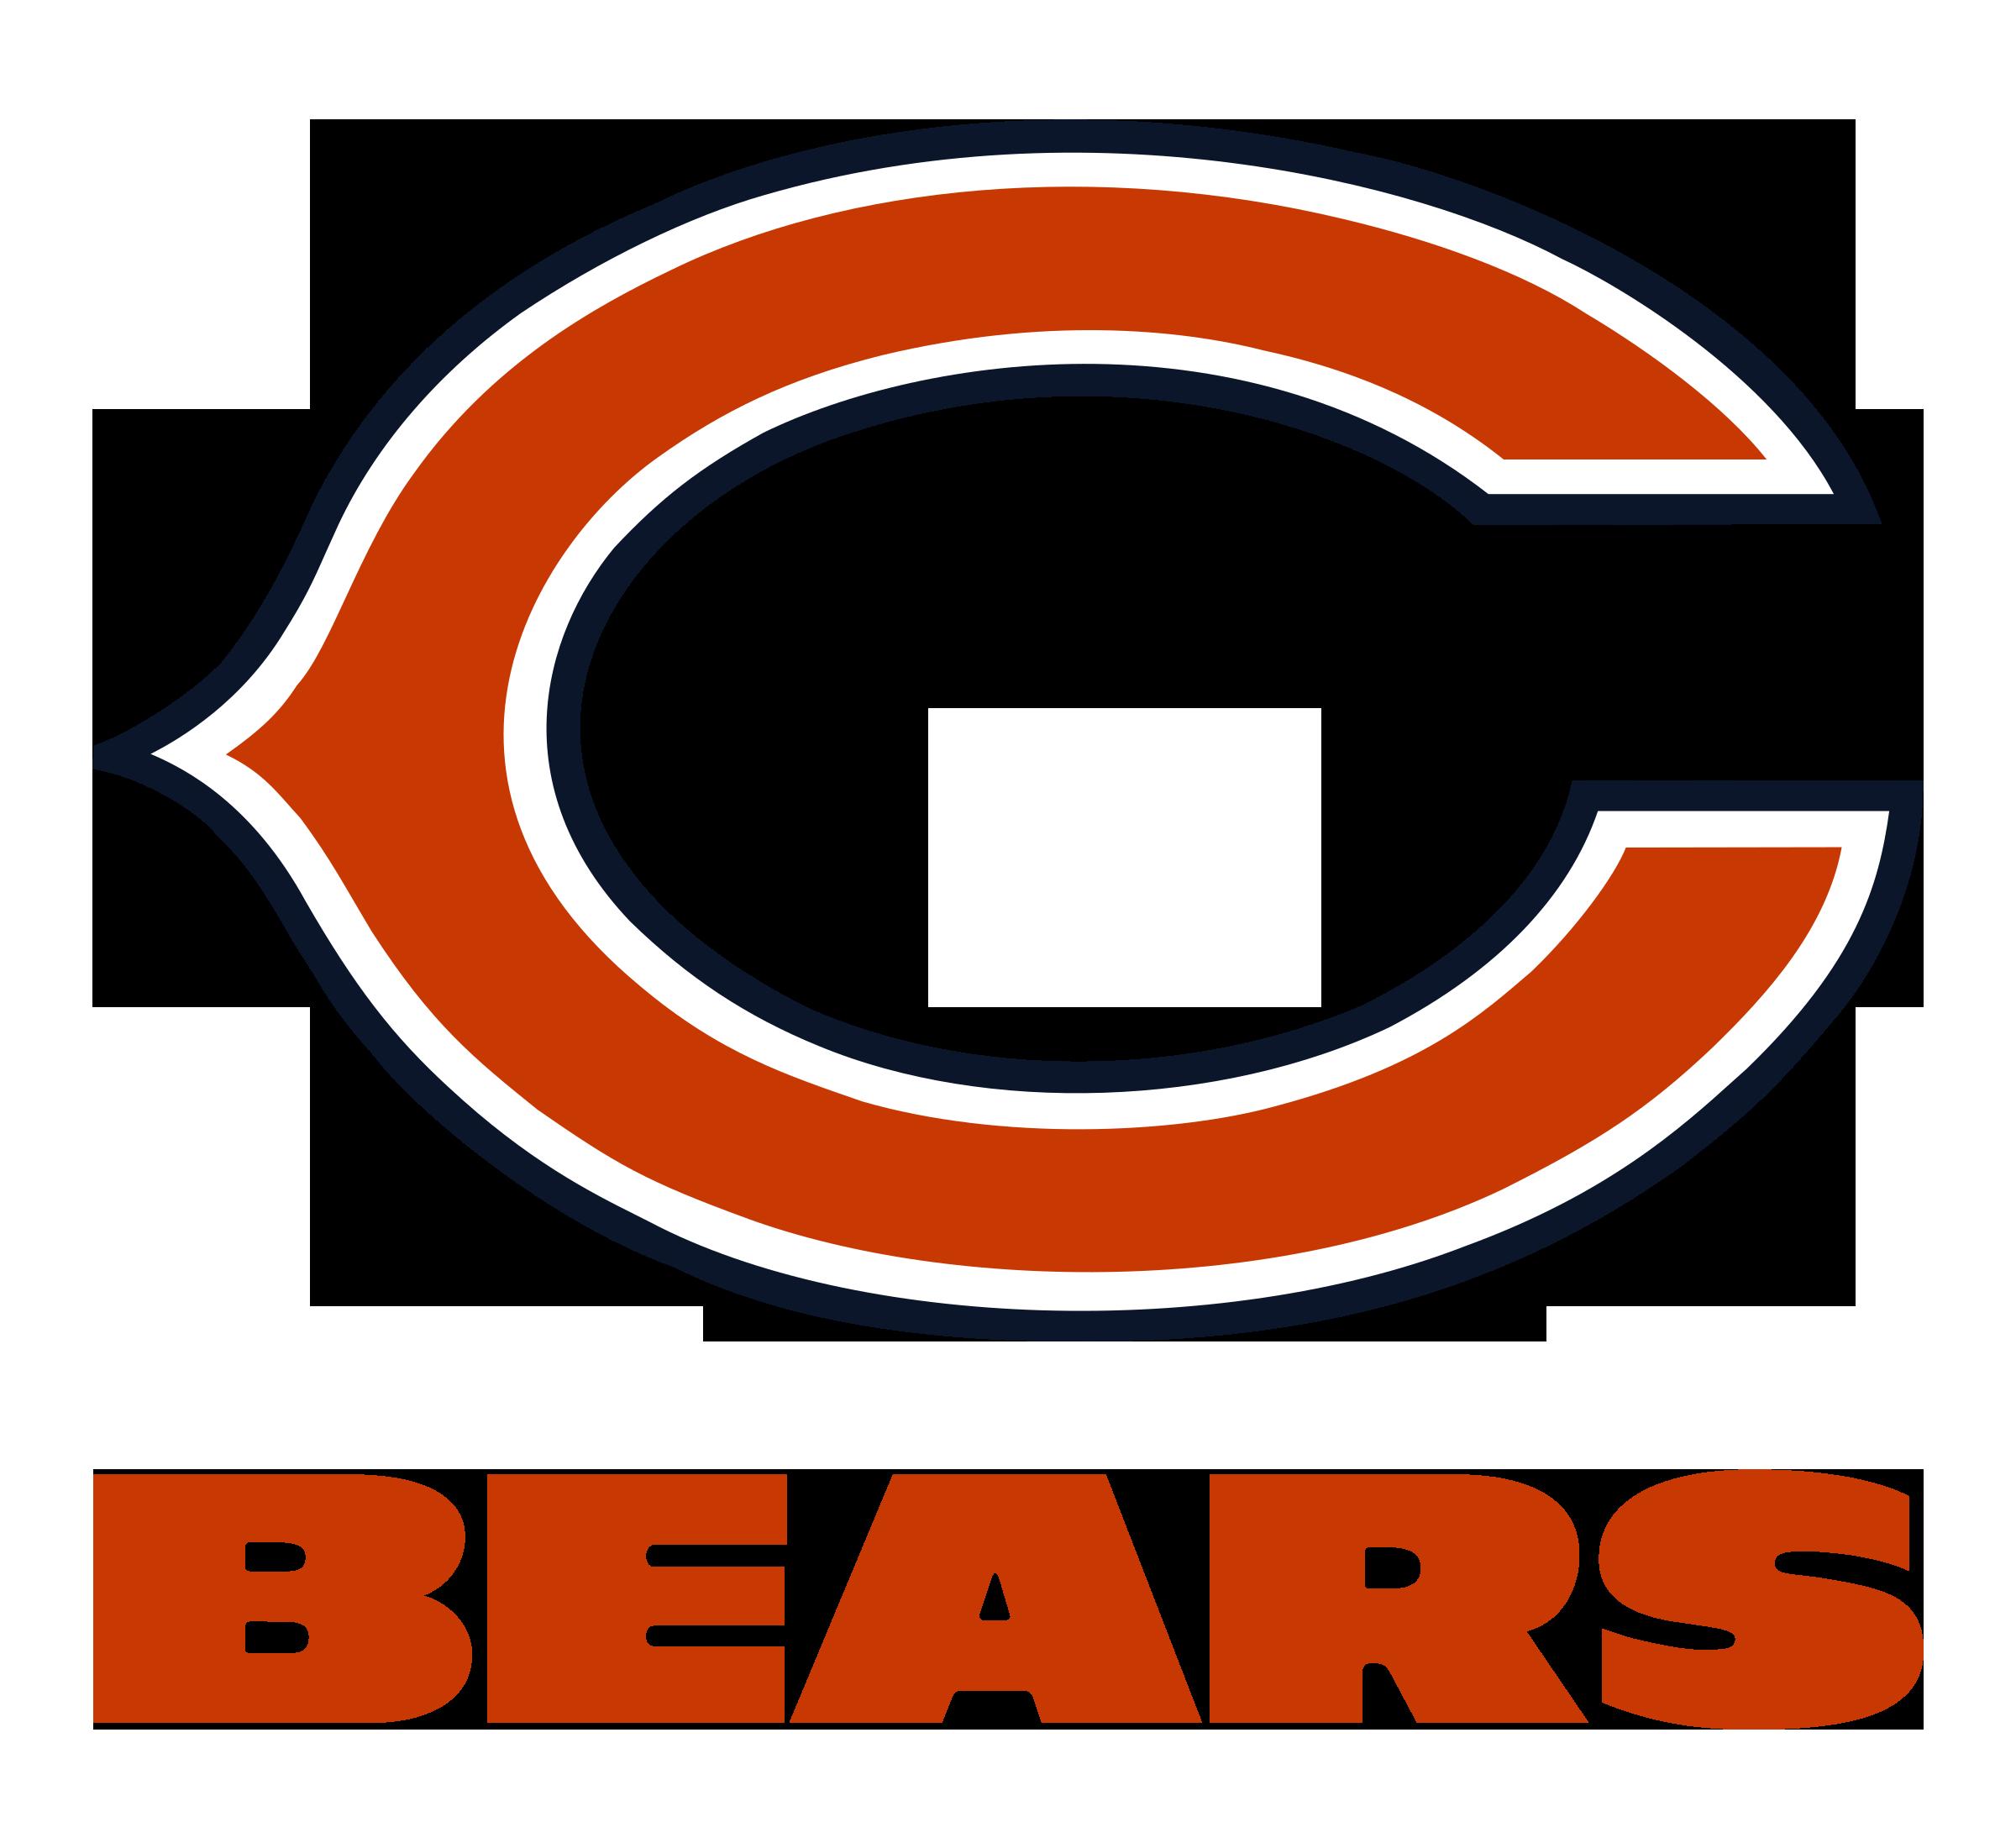 chicago bears logo png transparent svg vector freebie supply rh freebiesupply com New Logo Chicago Bears Skyline chicago bears c logo vector